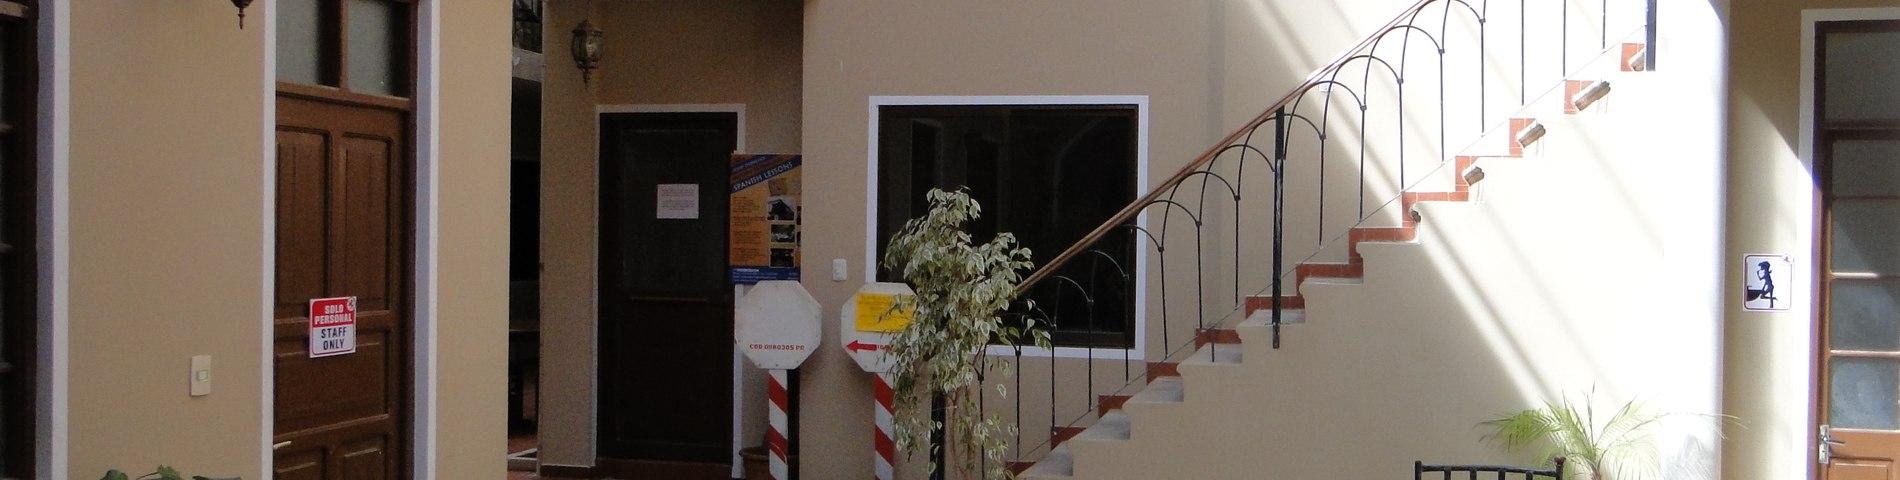 Imatge 1 de l'escola Enforex